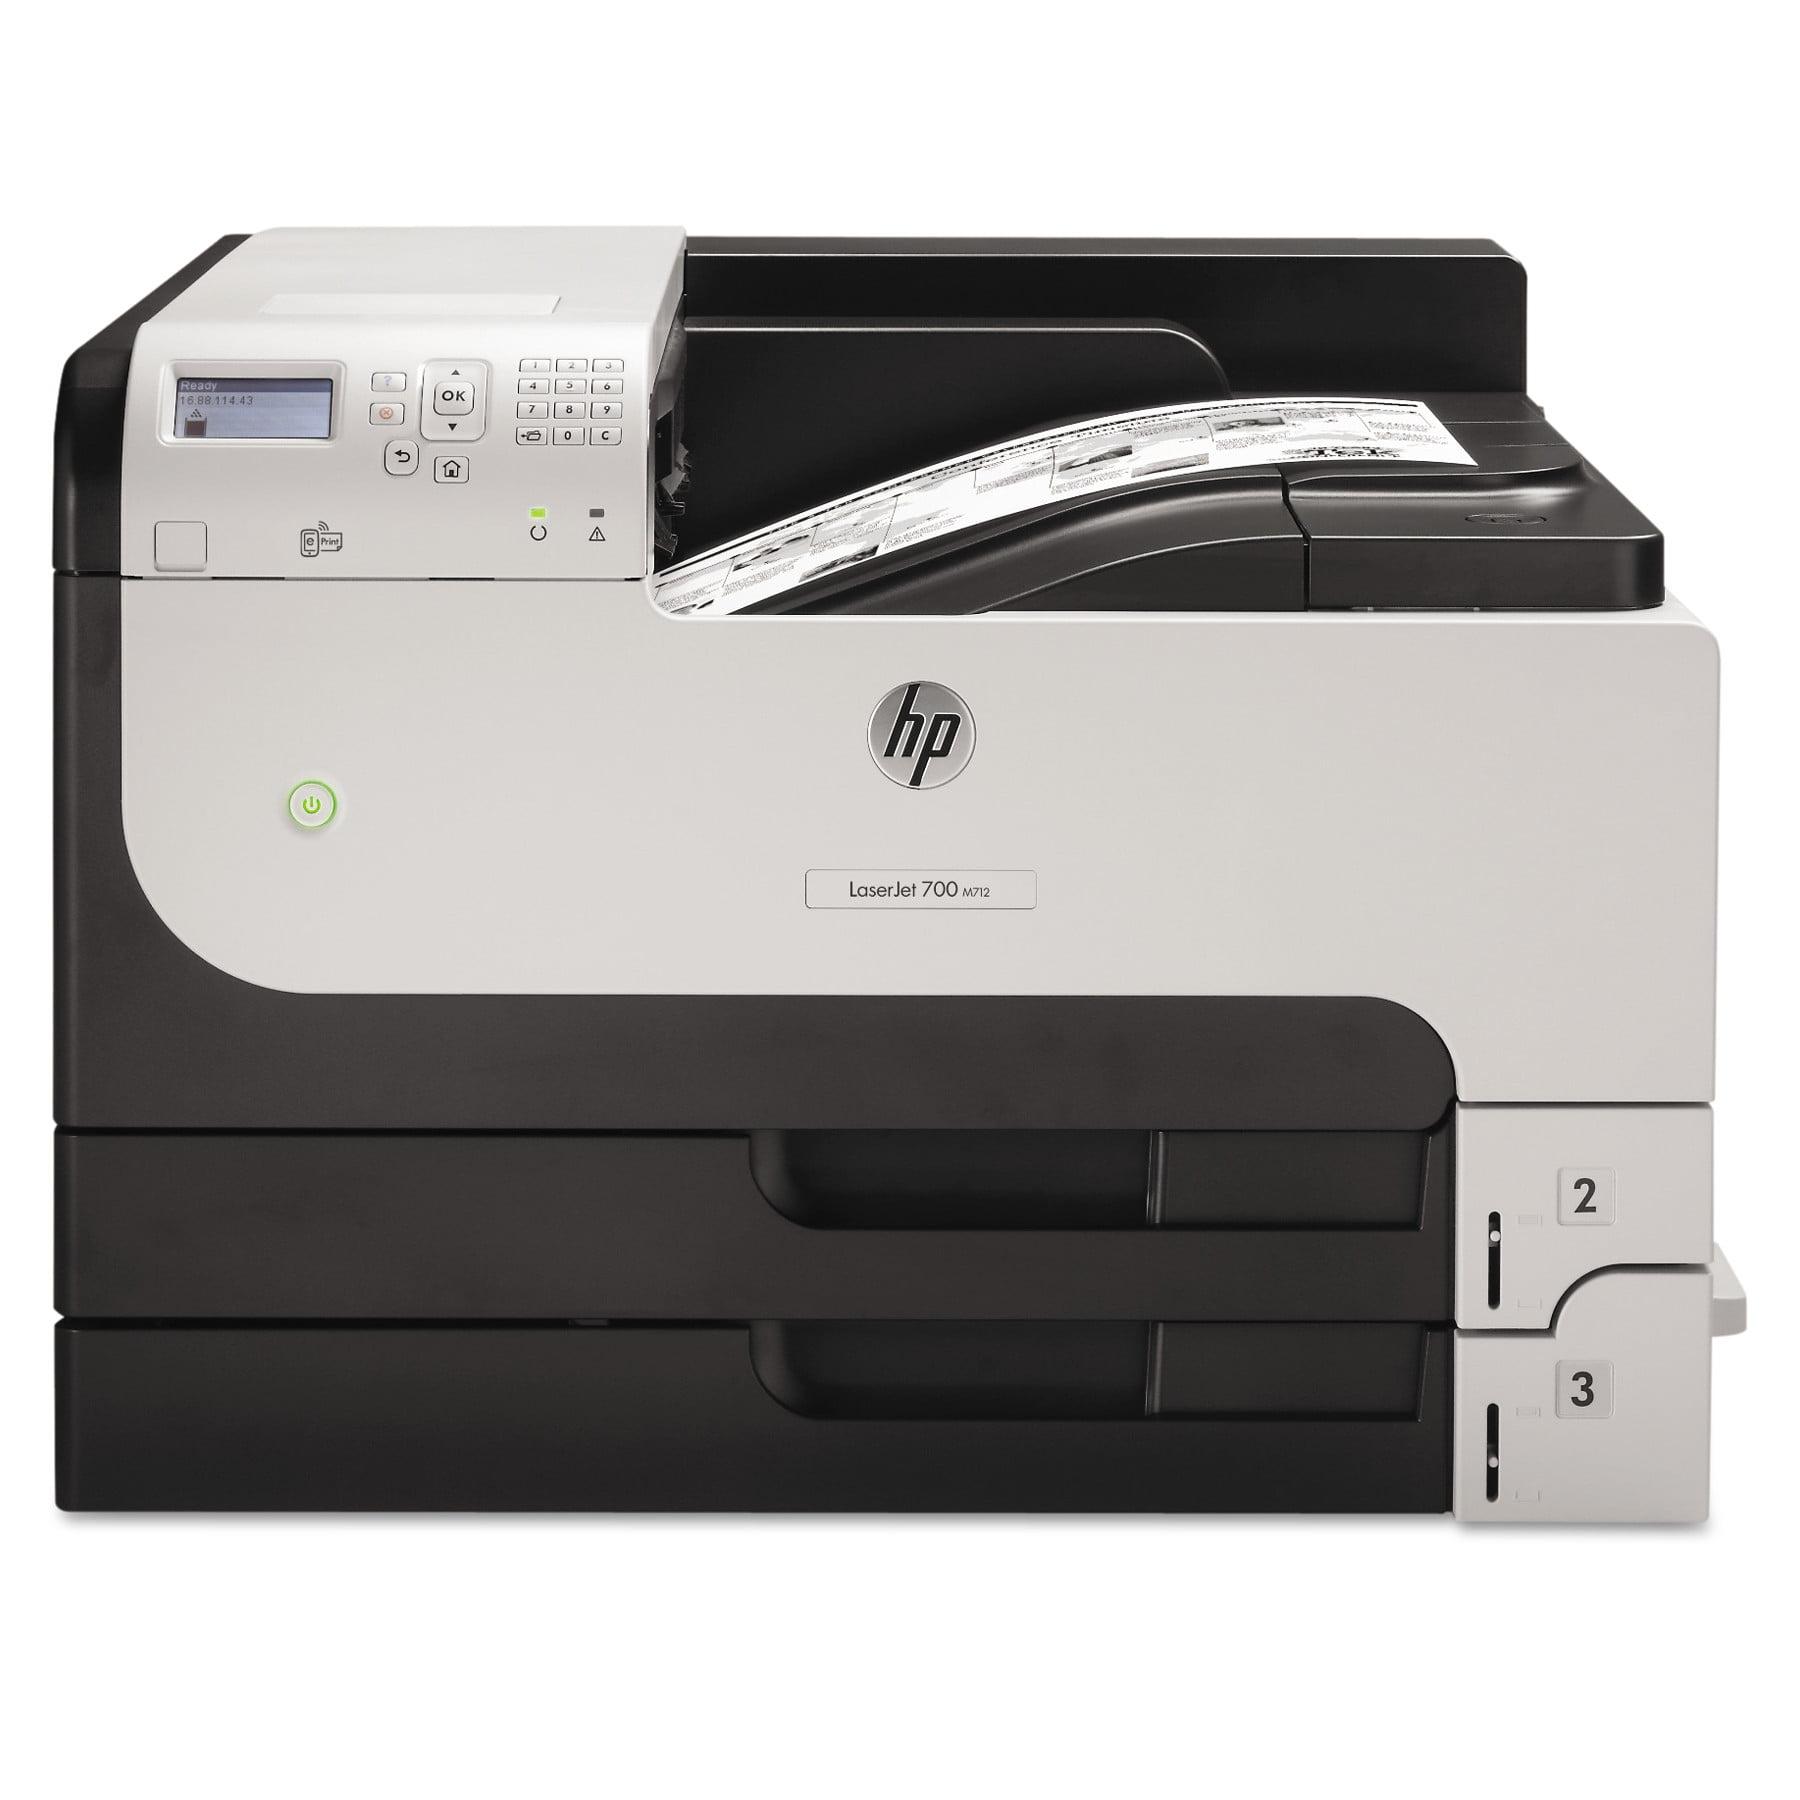 HP LaserJet Enterprise 700 M712dn Laser Printer by HP